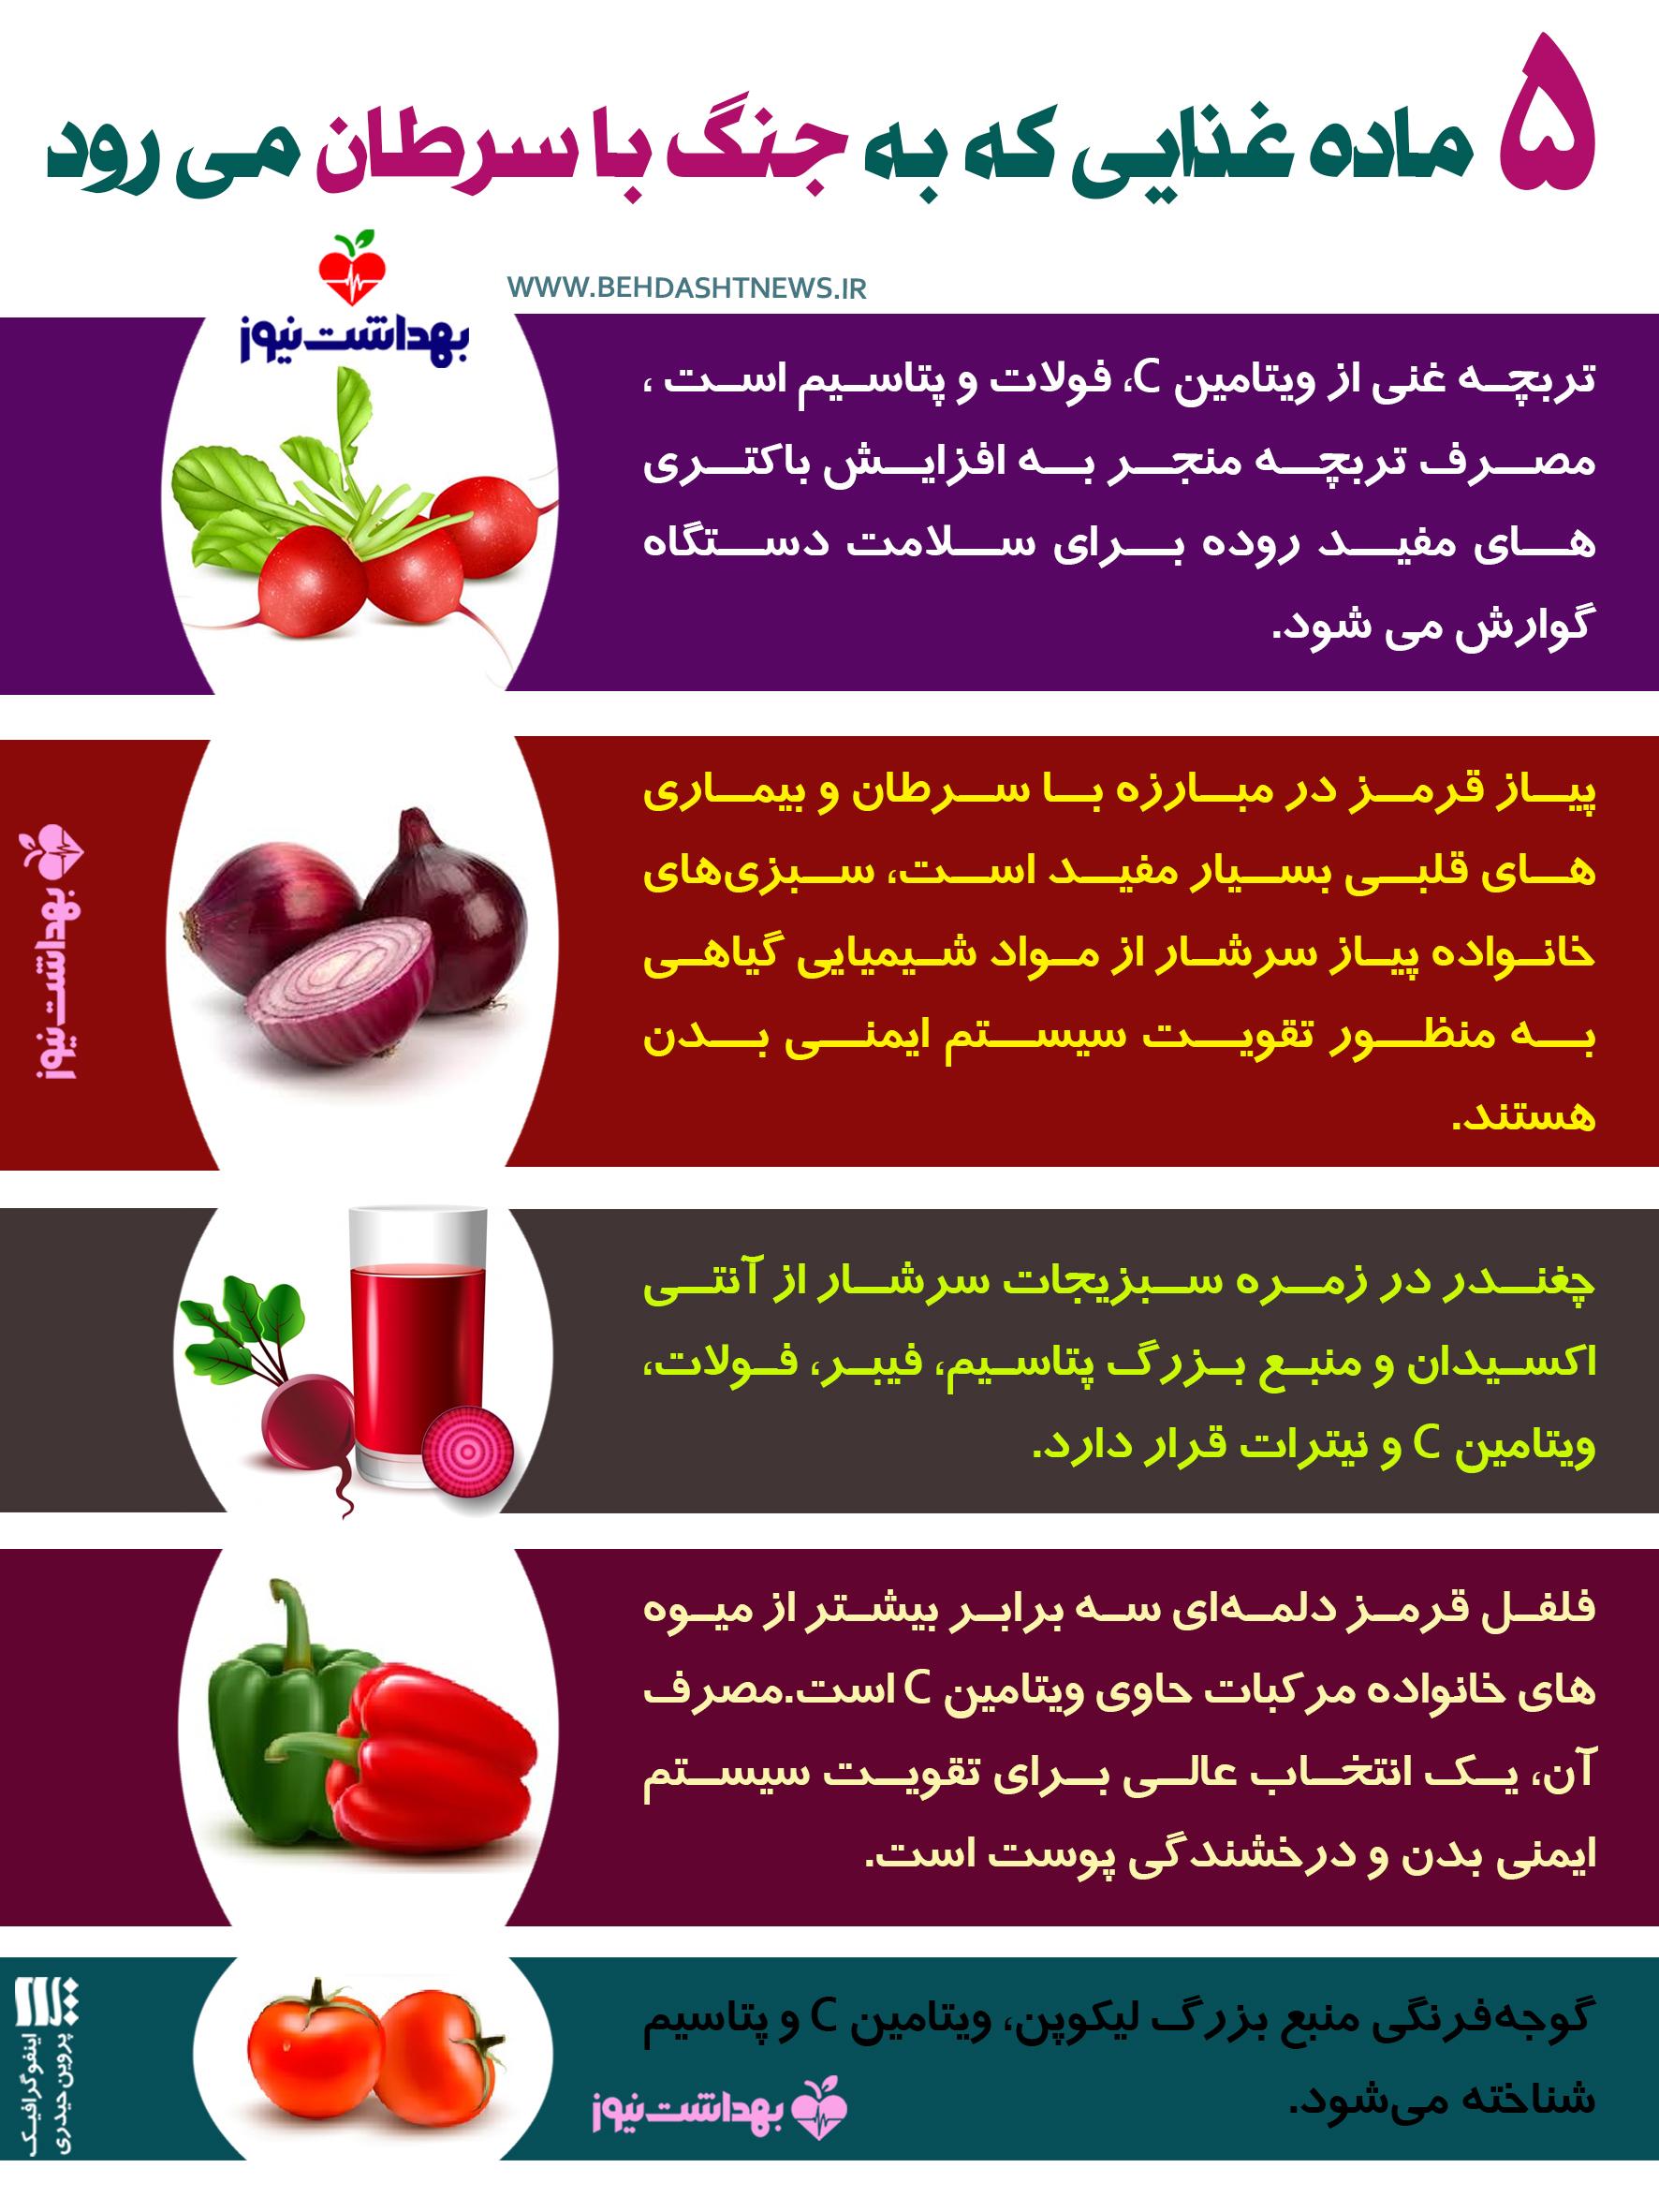 ۵ ماده غذایی اعجاب انگیز که به جنگ با سرطان میرود + اینفوگرافیک